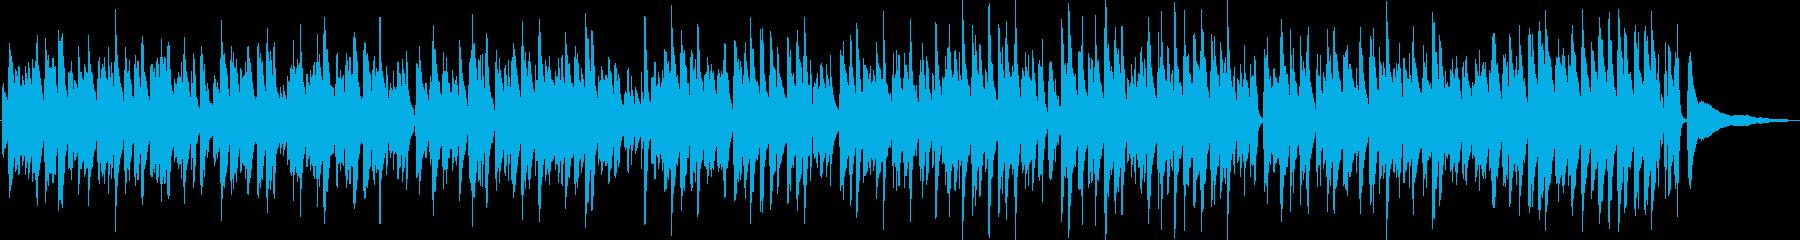 グリーンスリーブス/ボサノバピアノトリオの再生済みの波形